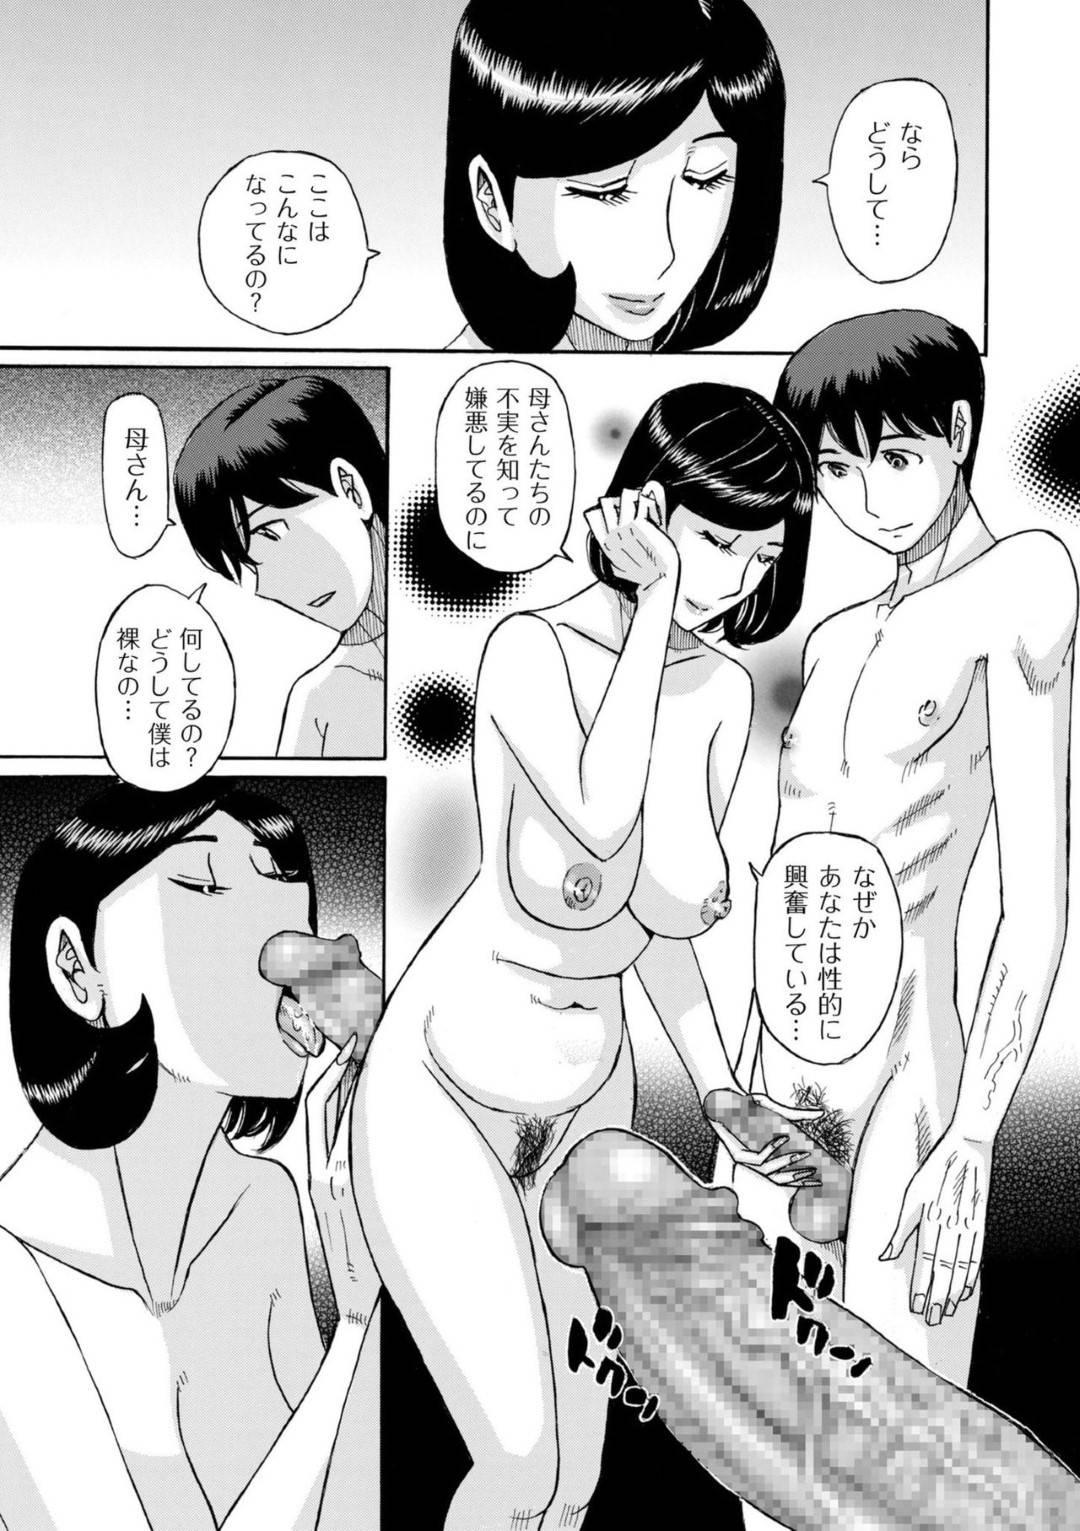 【エロ漫画】奴隷である自分の母親や熟女と乱交セックスする主人公。彼は彼女に誘われるがままに手コキやフェラなどエッチなご奉仕をされたり、次々とチンポを生挿入しては乱交セックスしまくる。